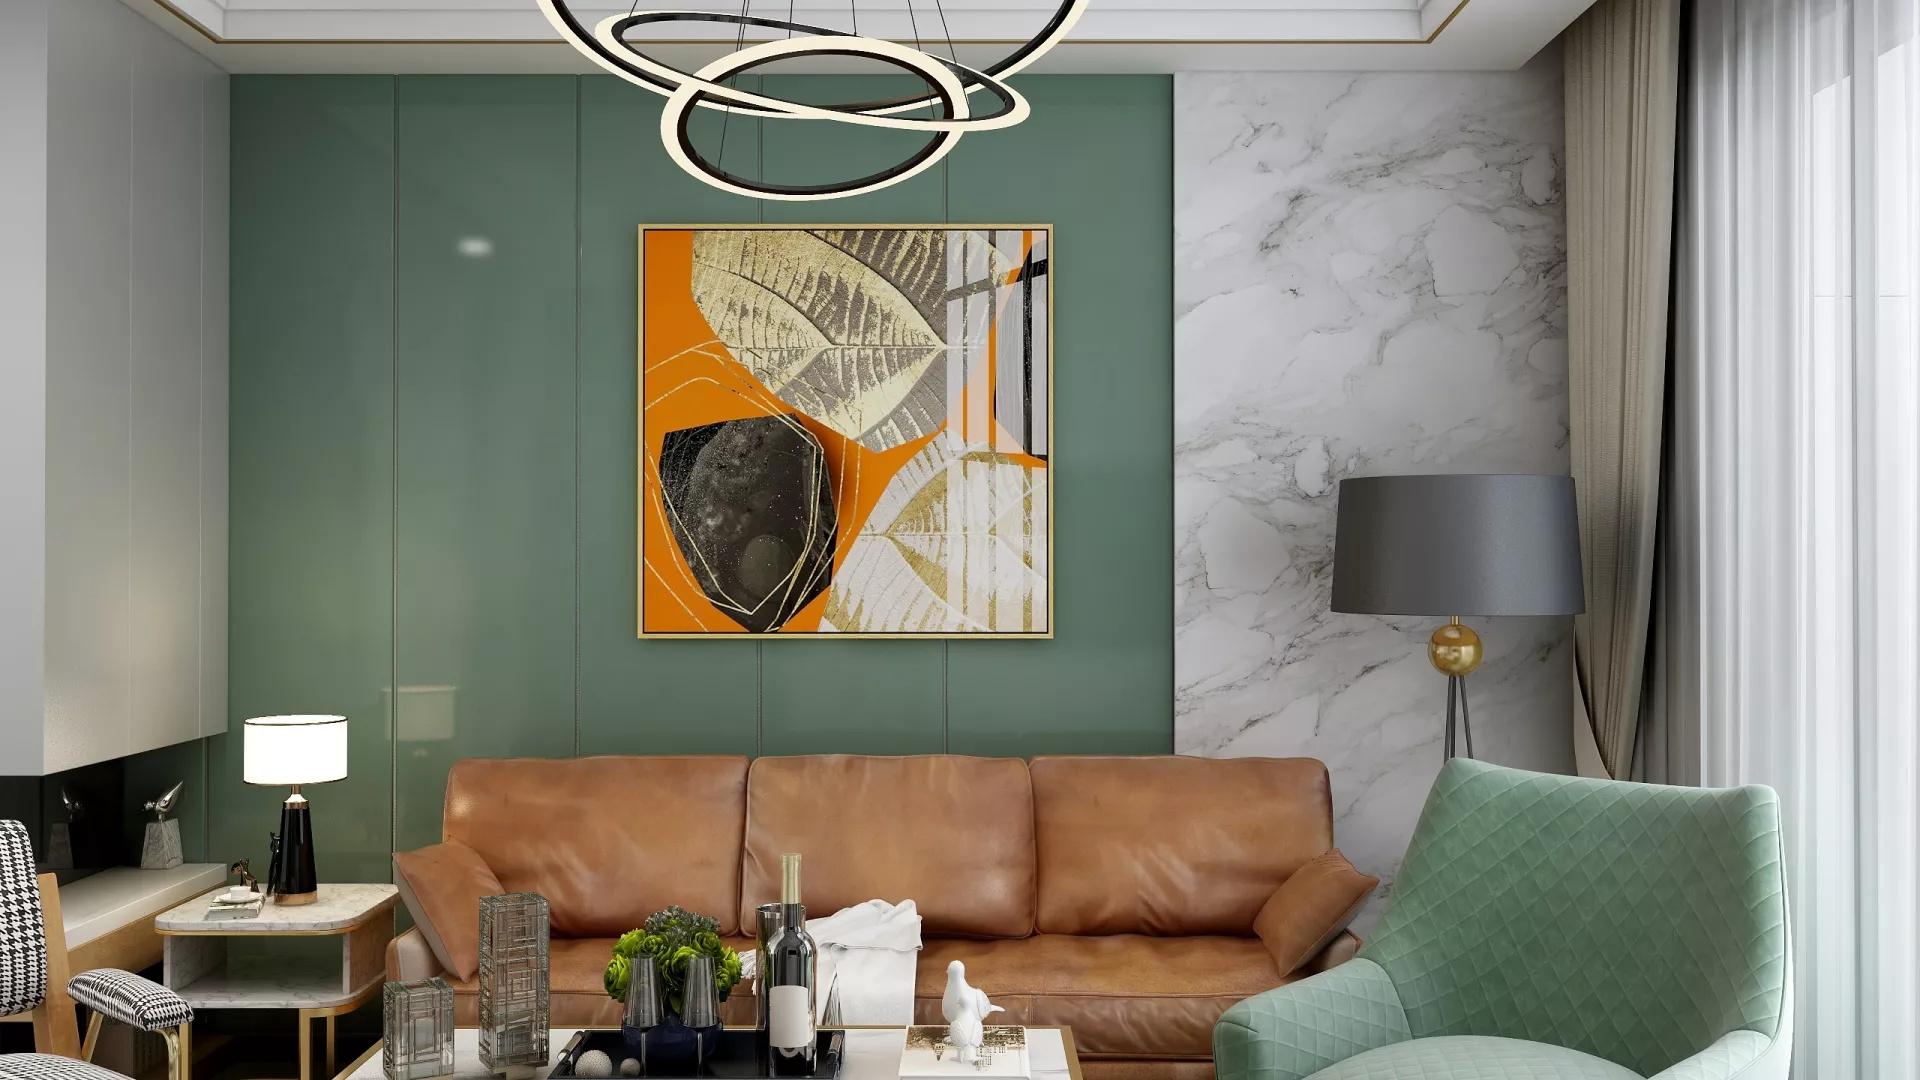 客厅装饰画选购有哪些技巧?客厅装饰画选购要注意什么?